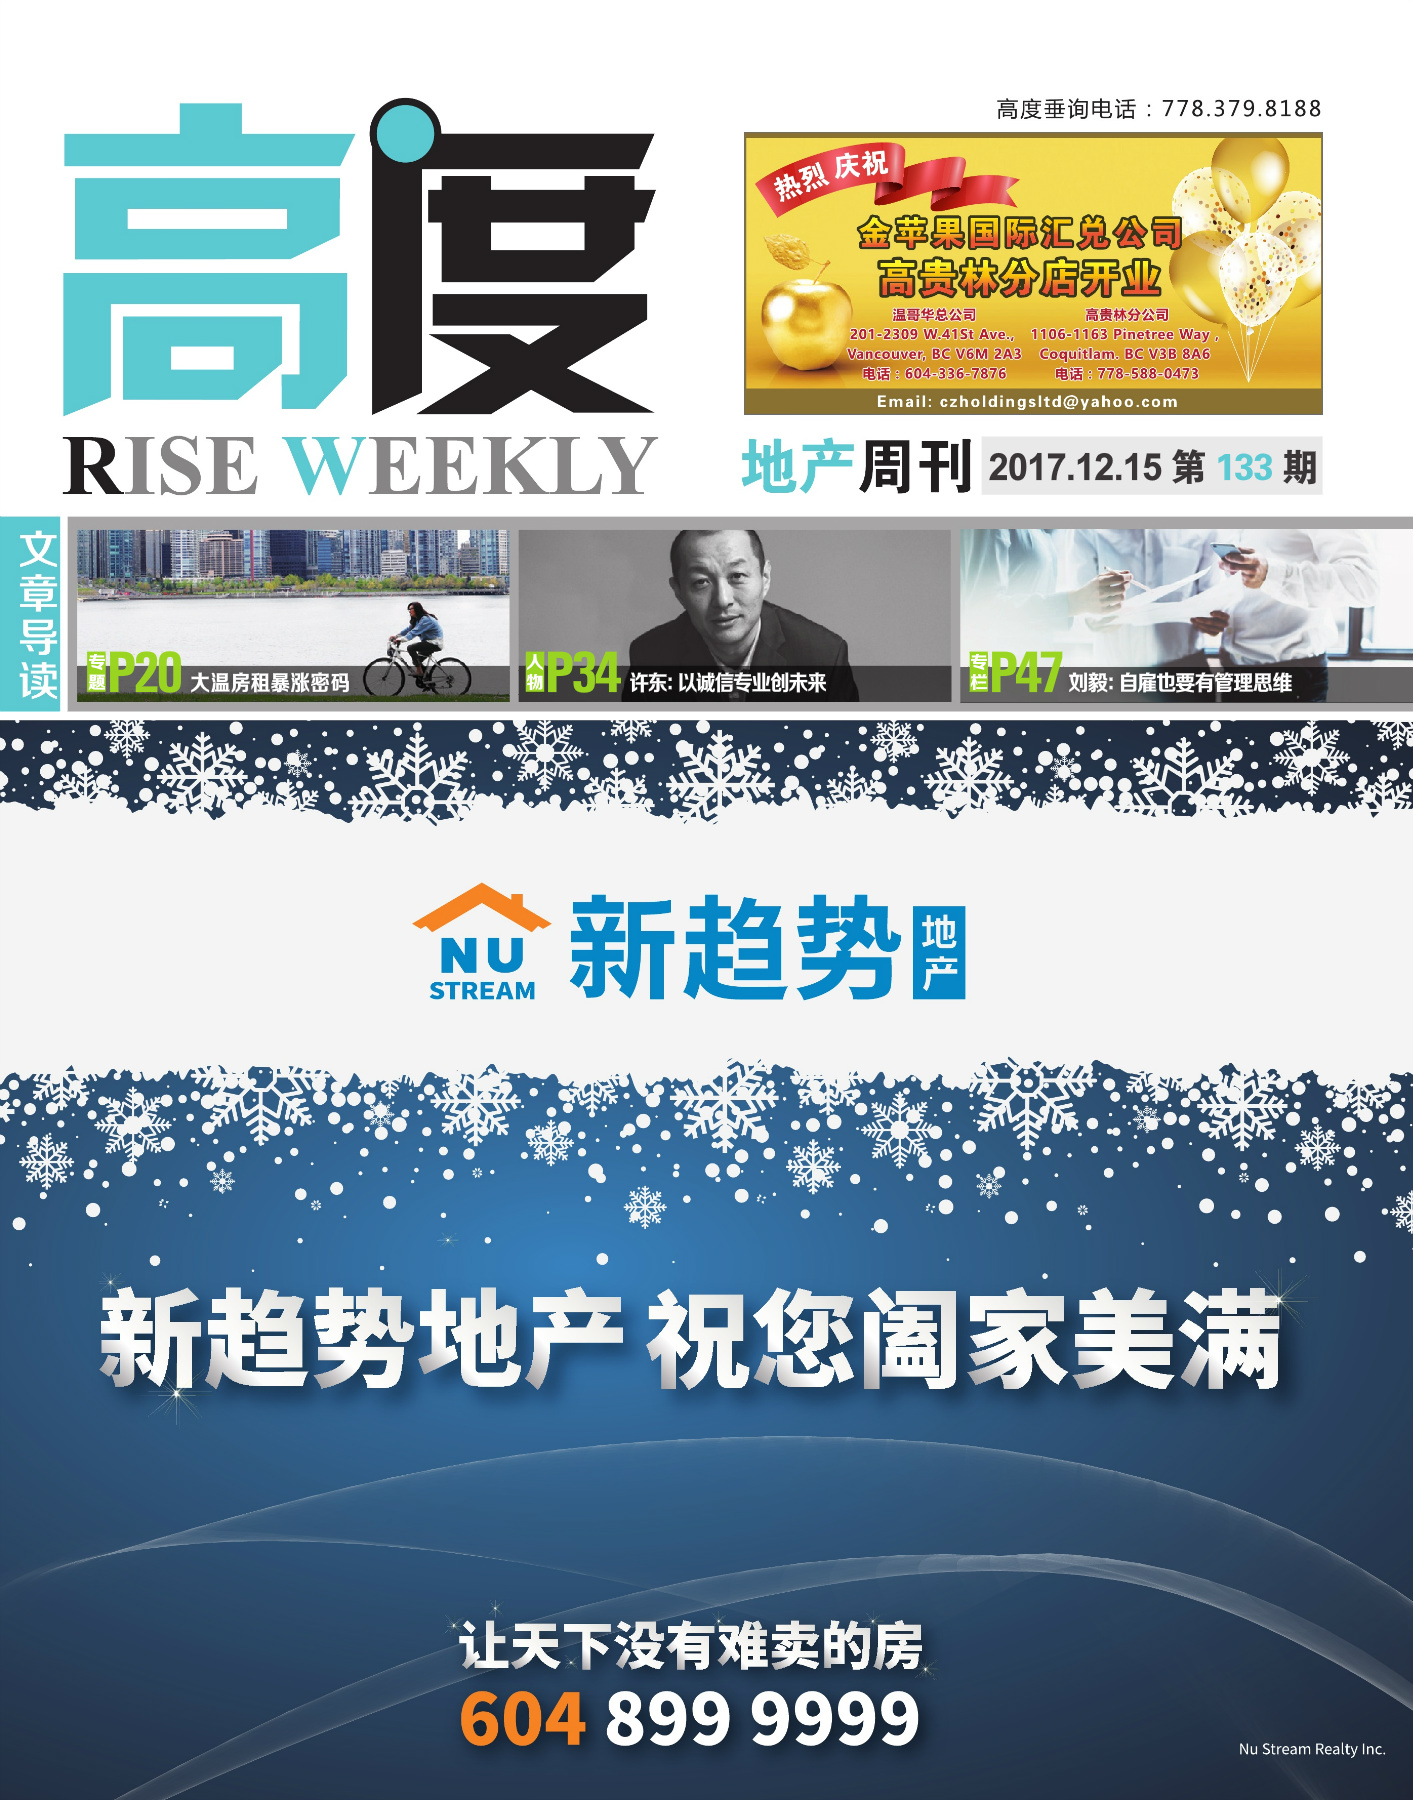 高度地产周刊 2017年12月15日 第133期